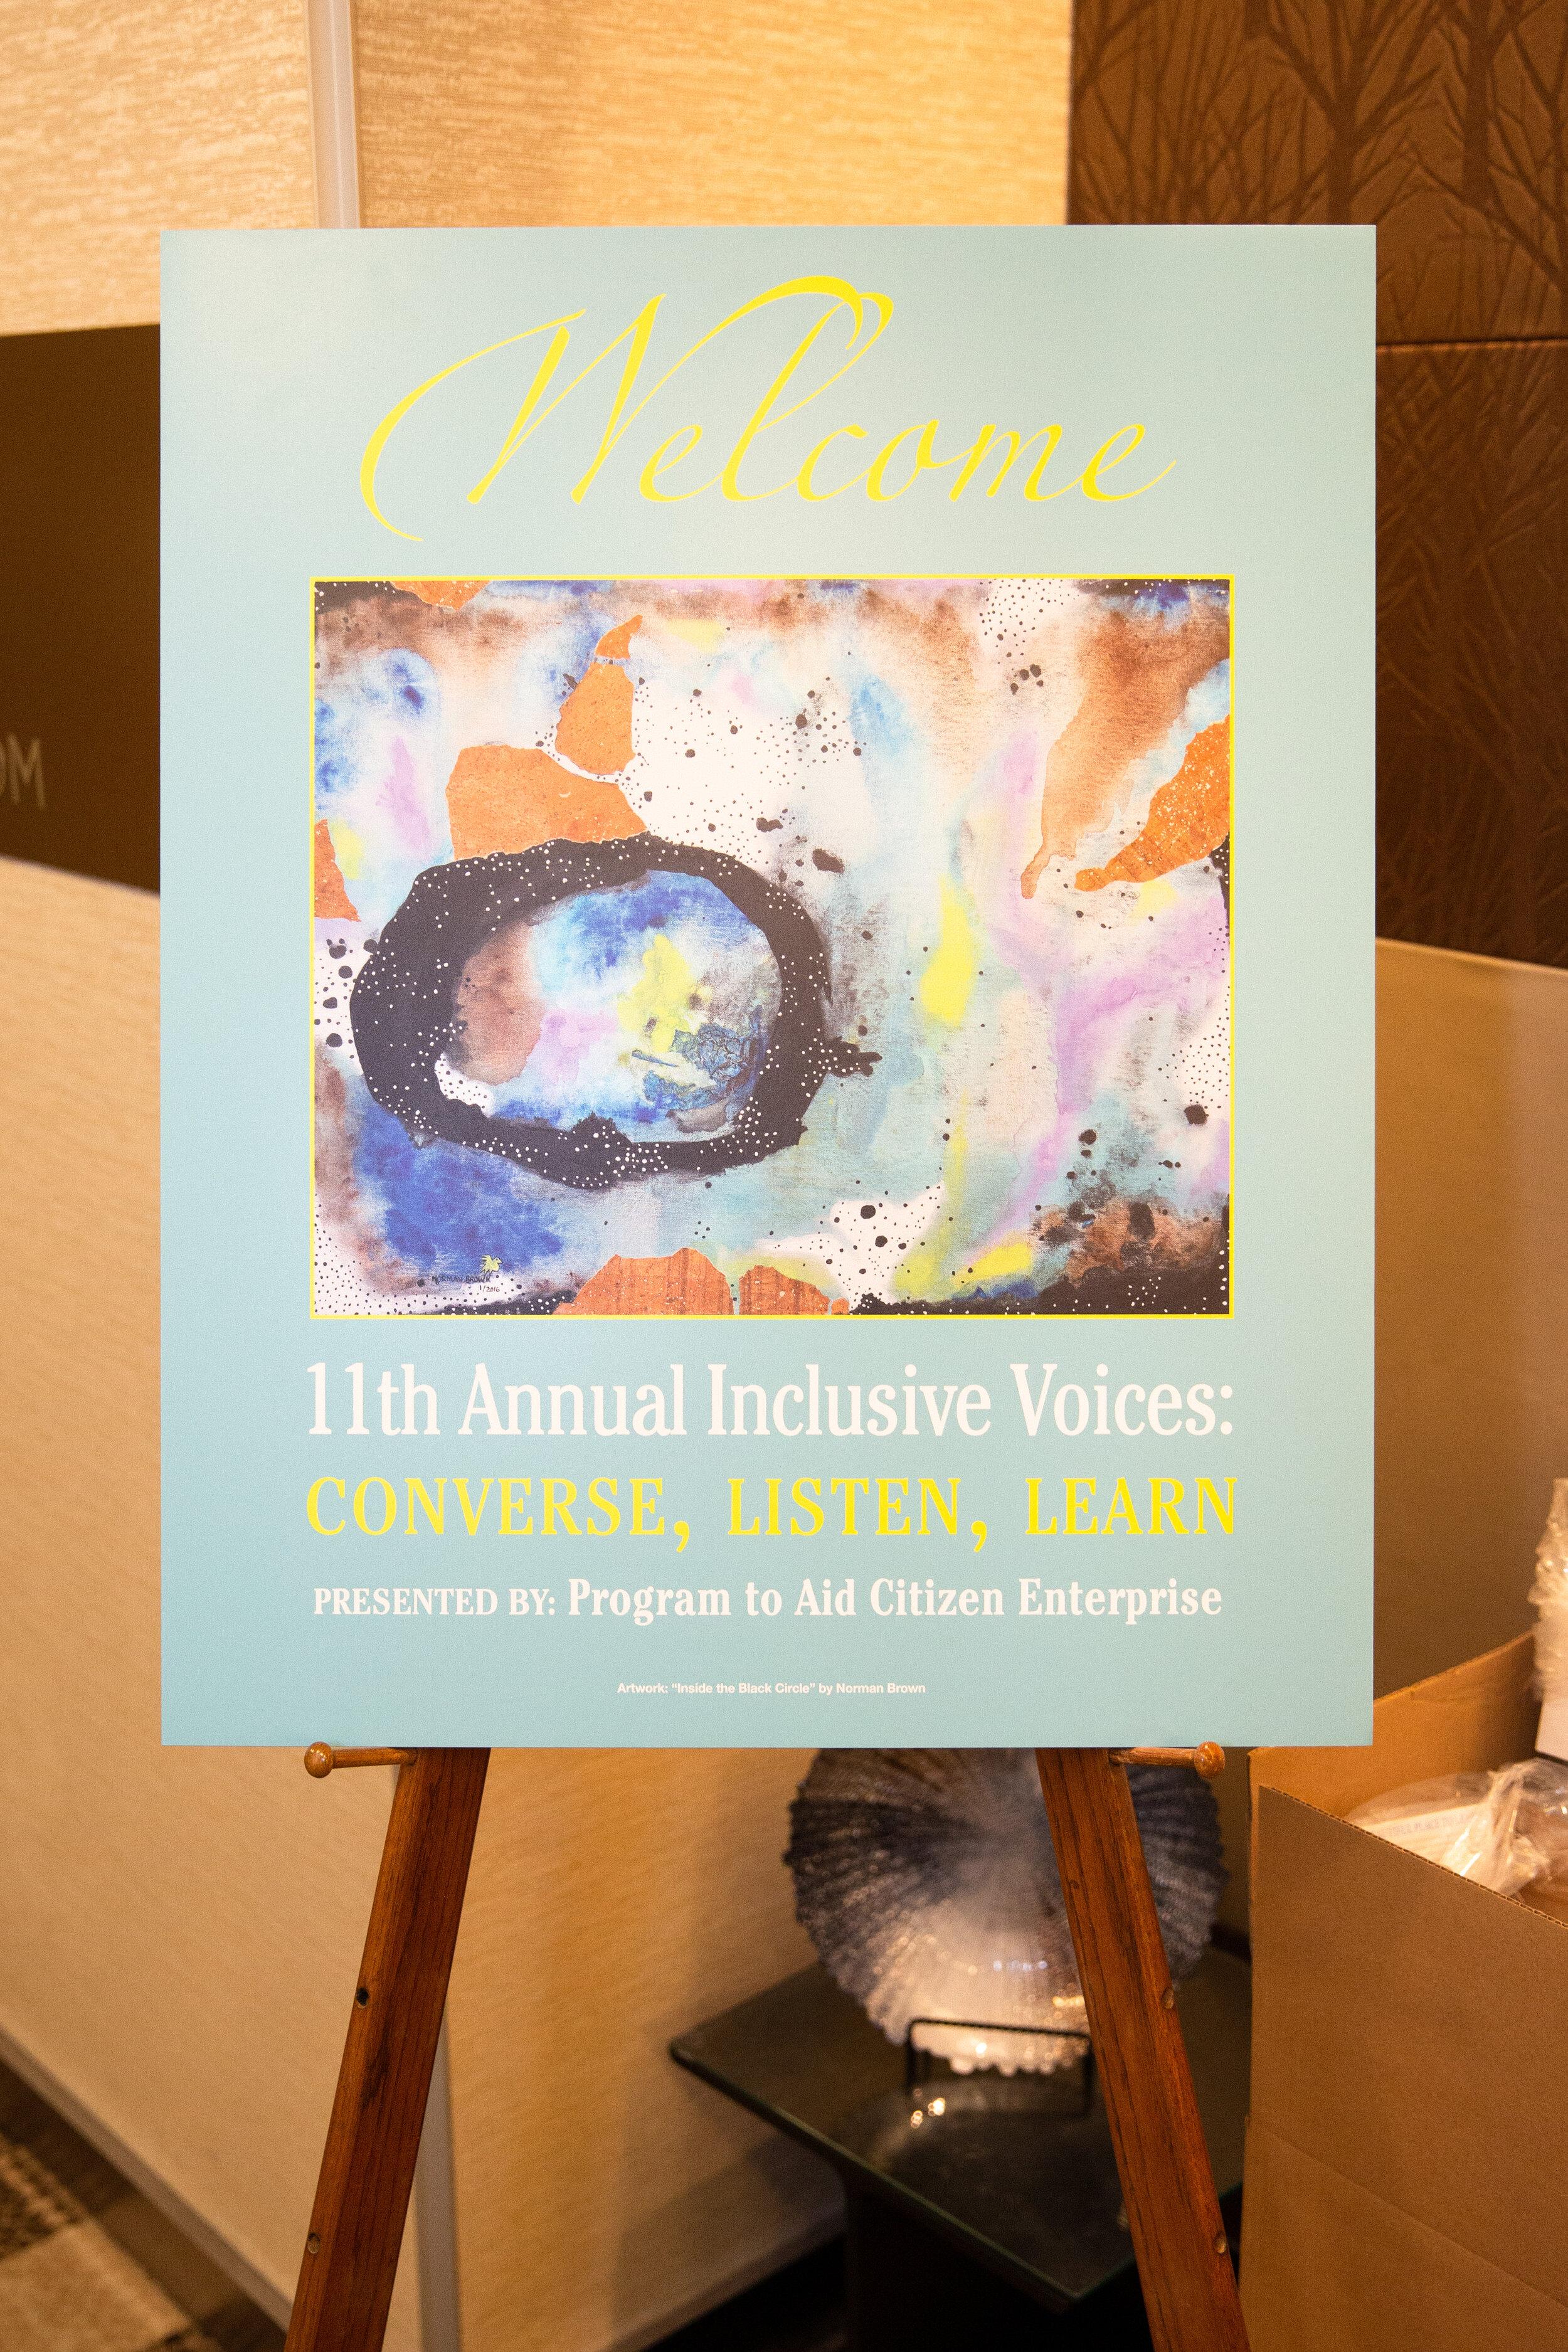 11th Annual Inclusive Voices Program To Aid Citizen